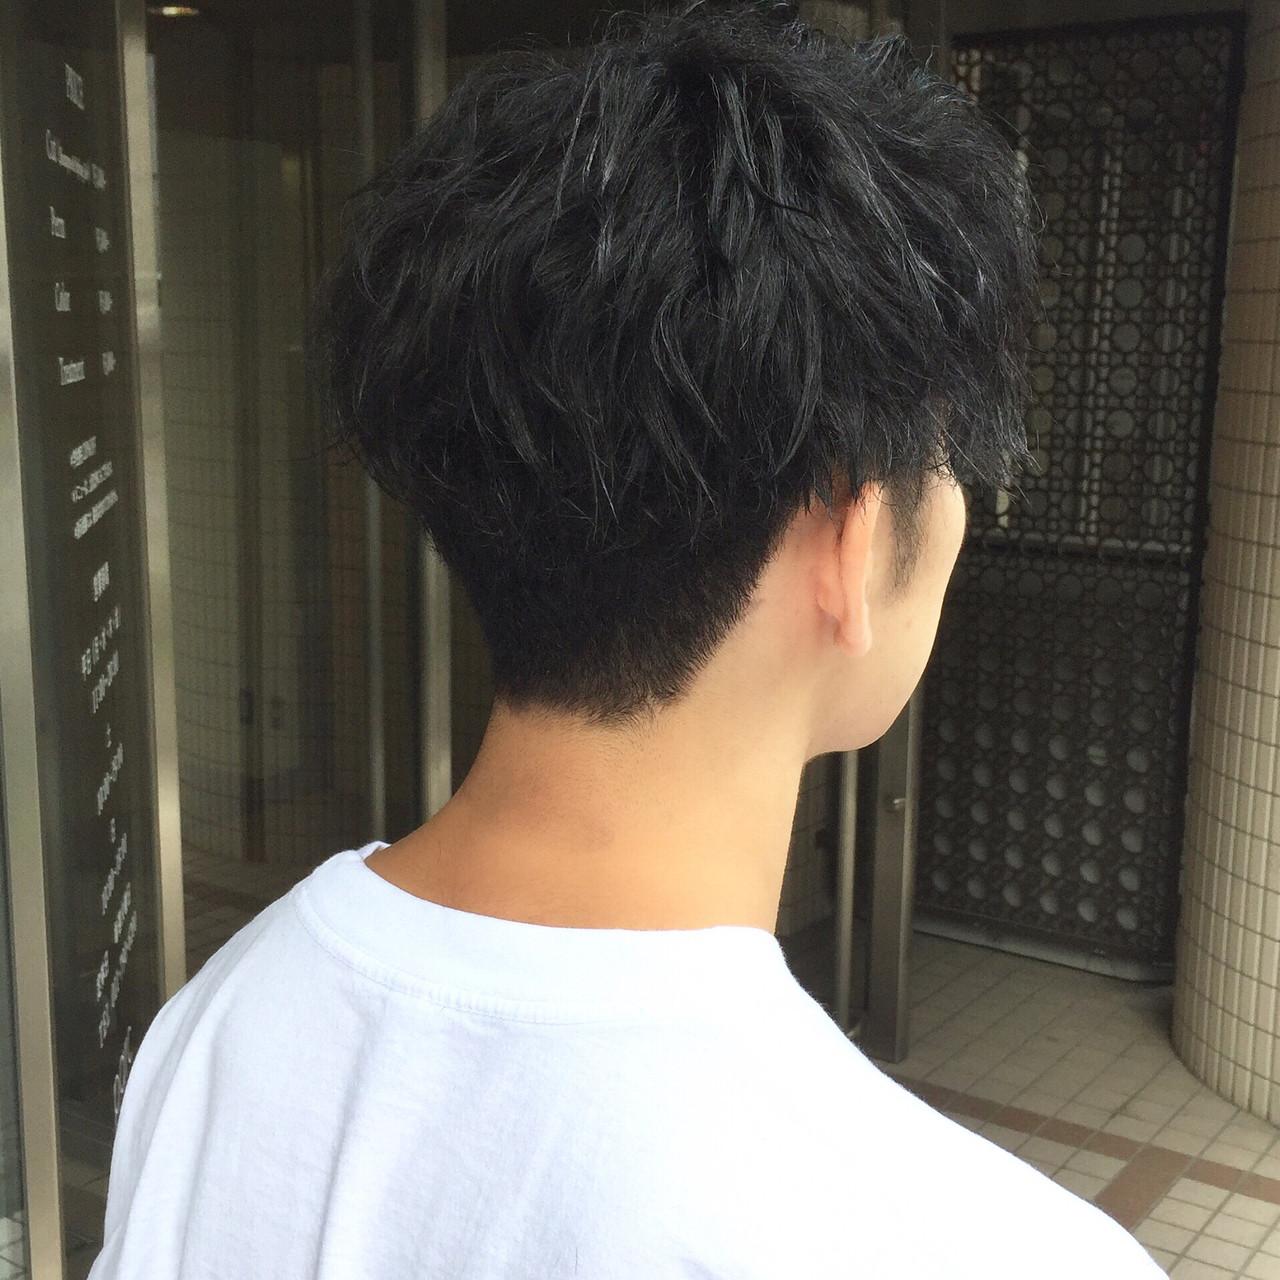 メンズ メンズショート ストリート ショート ヘアスタイルや髪型の写真・画像 | 【ショート&ショートボブはお任せください】淺川聖 / parc sapporo